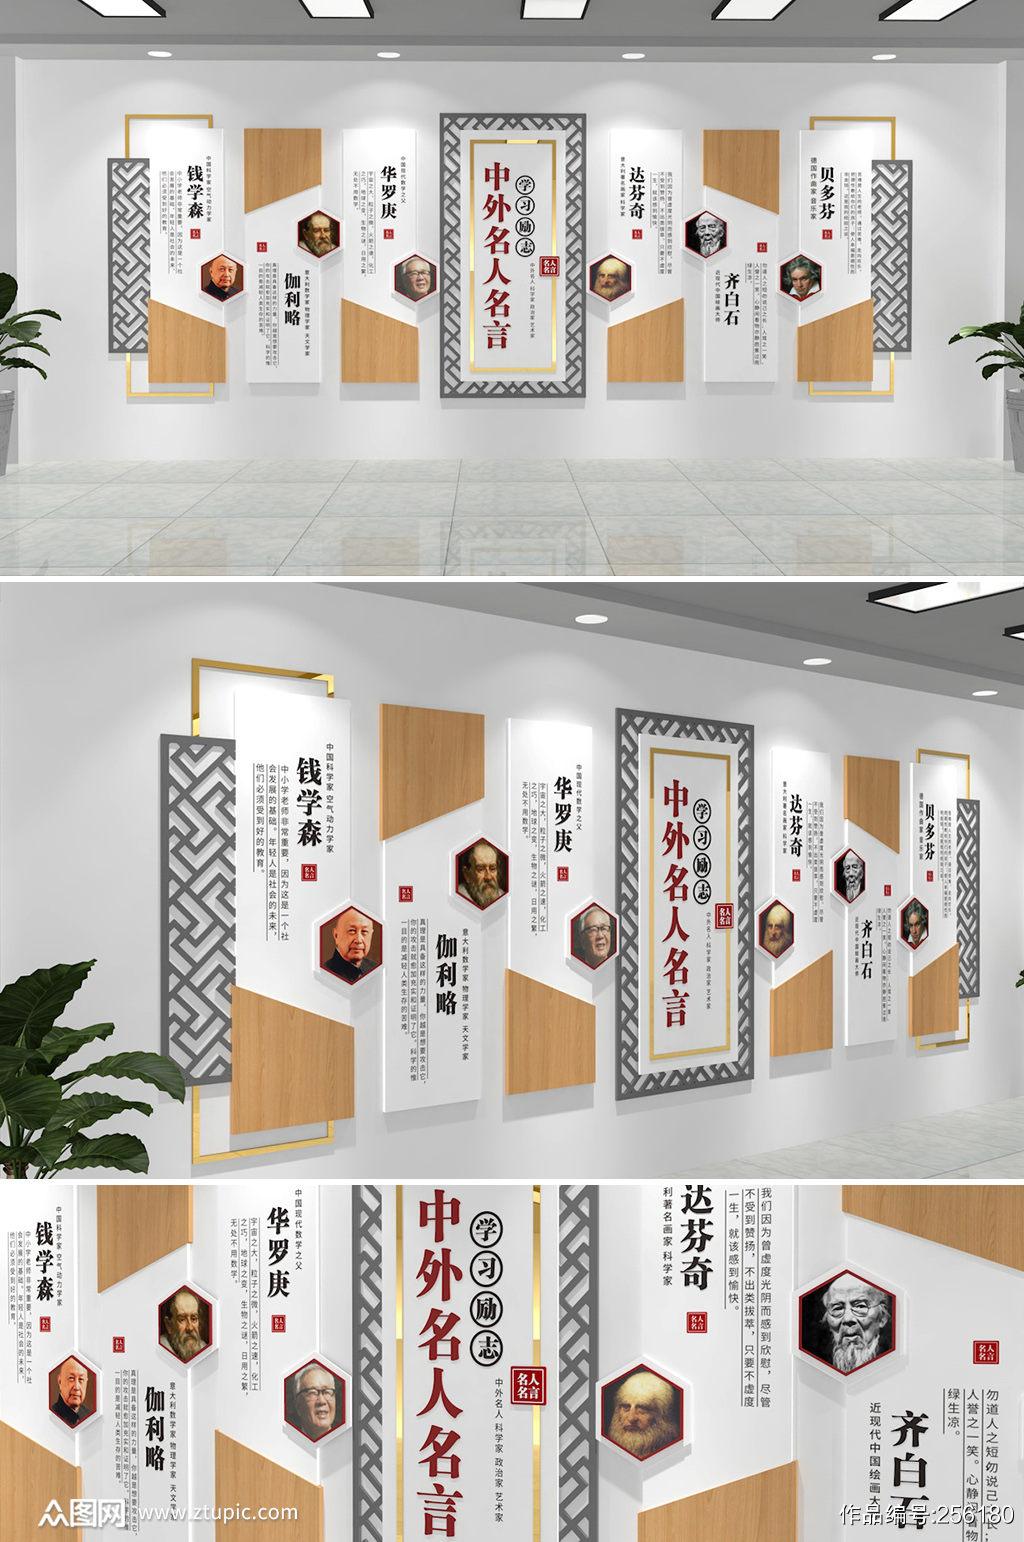 大气名人名言图书室班级教室和谐校园文化墙名人墙素材